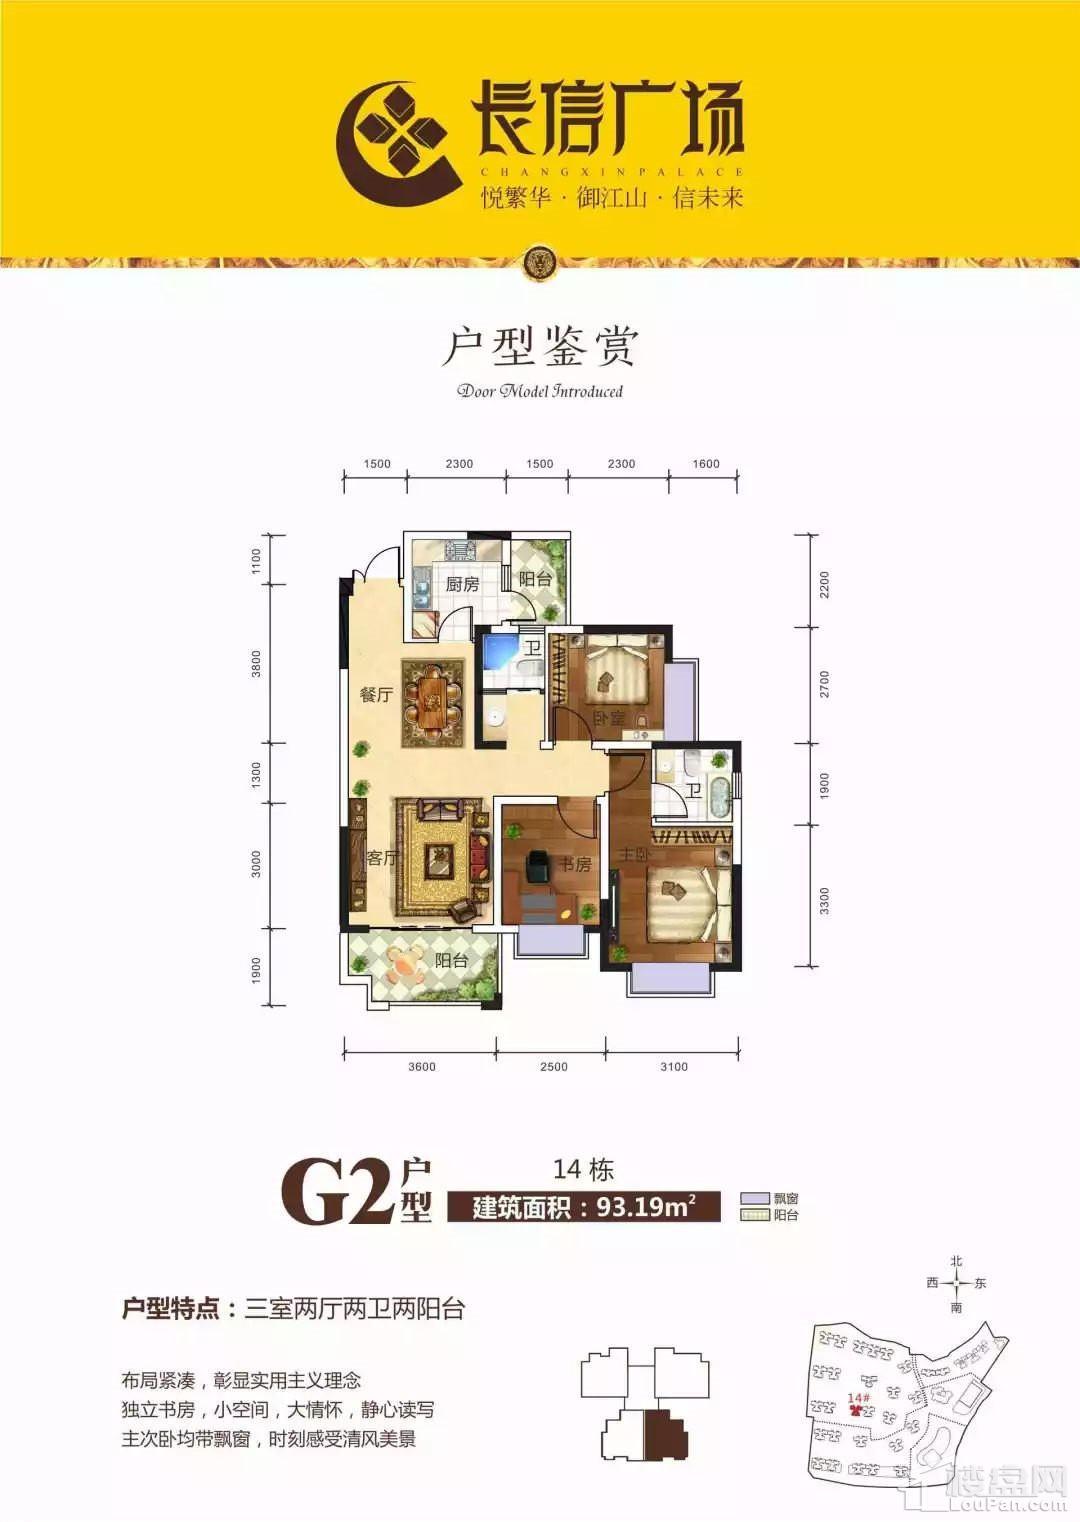 长信广场14栋G2户型